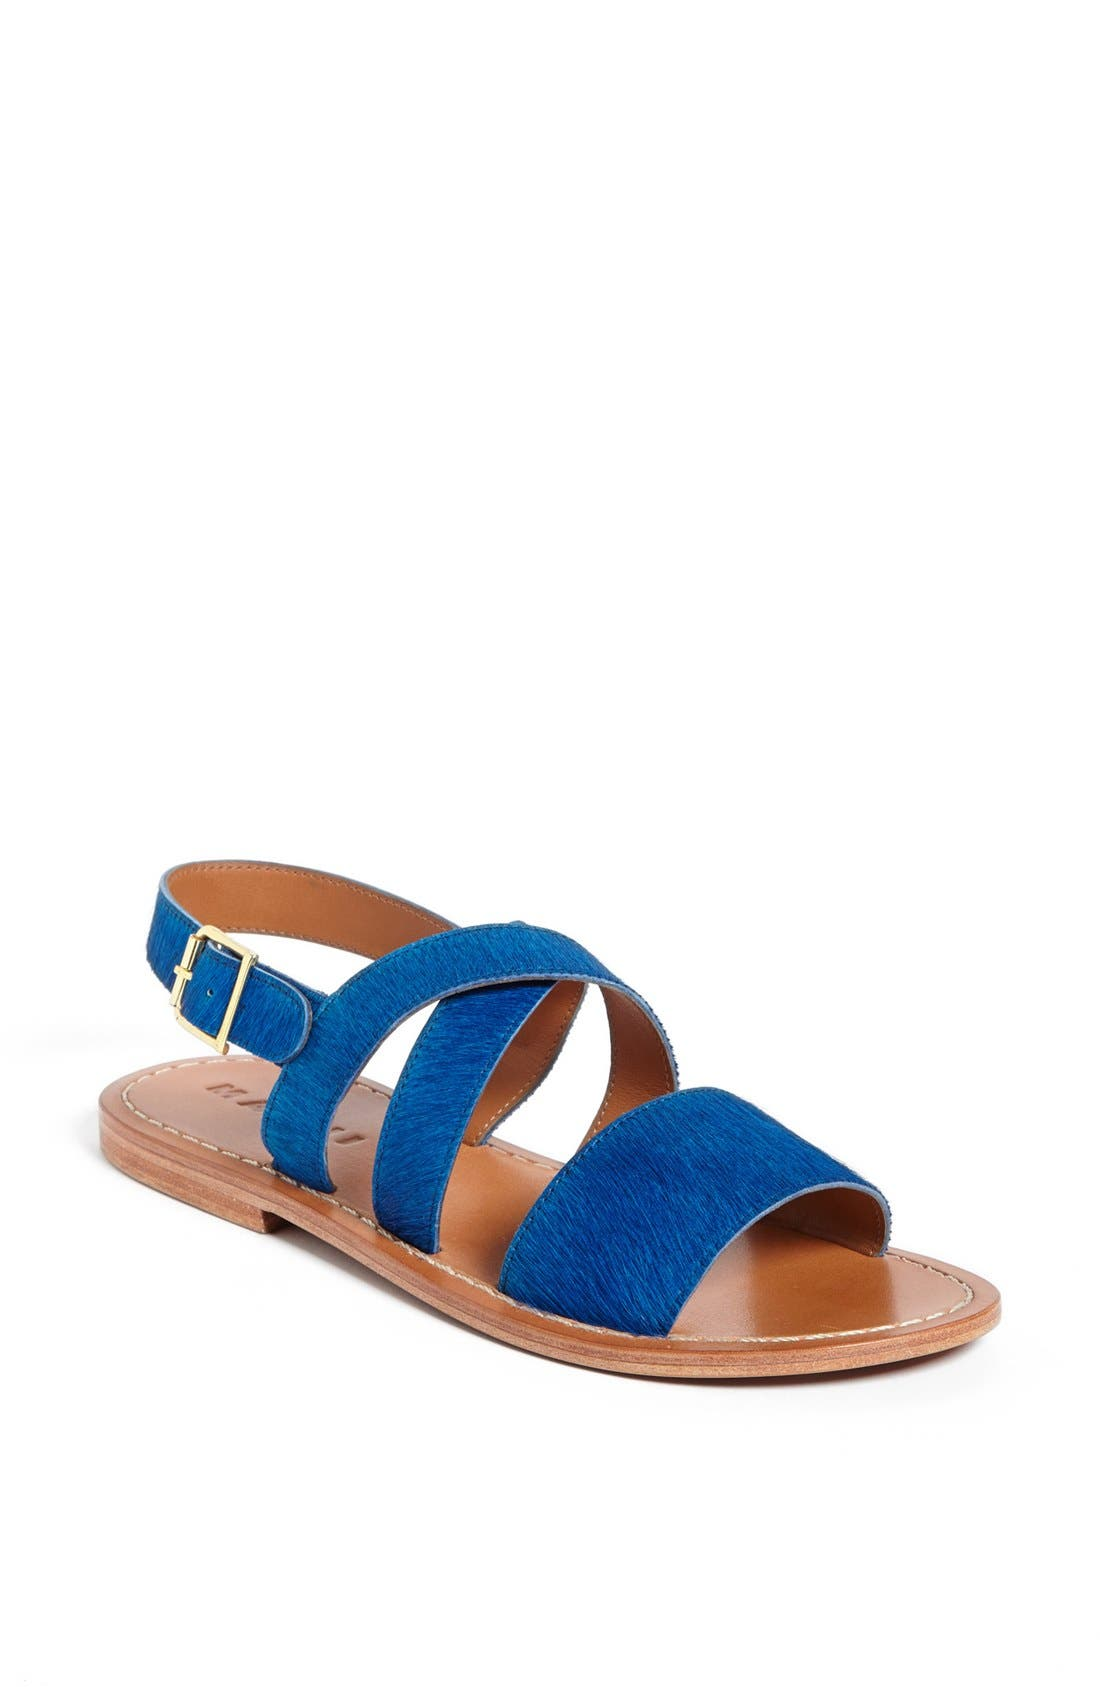 Alternate Image 1 Selected - Marni Calf Hair Sandal